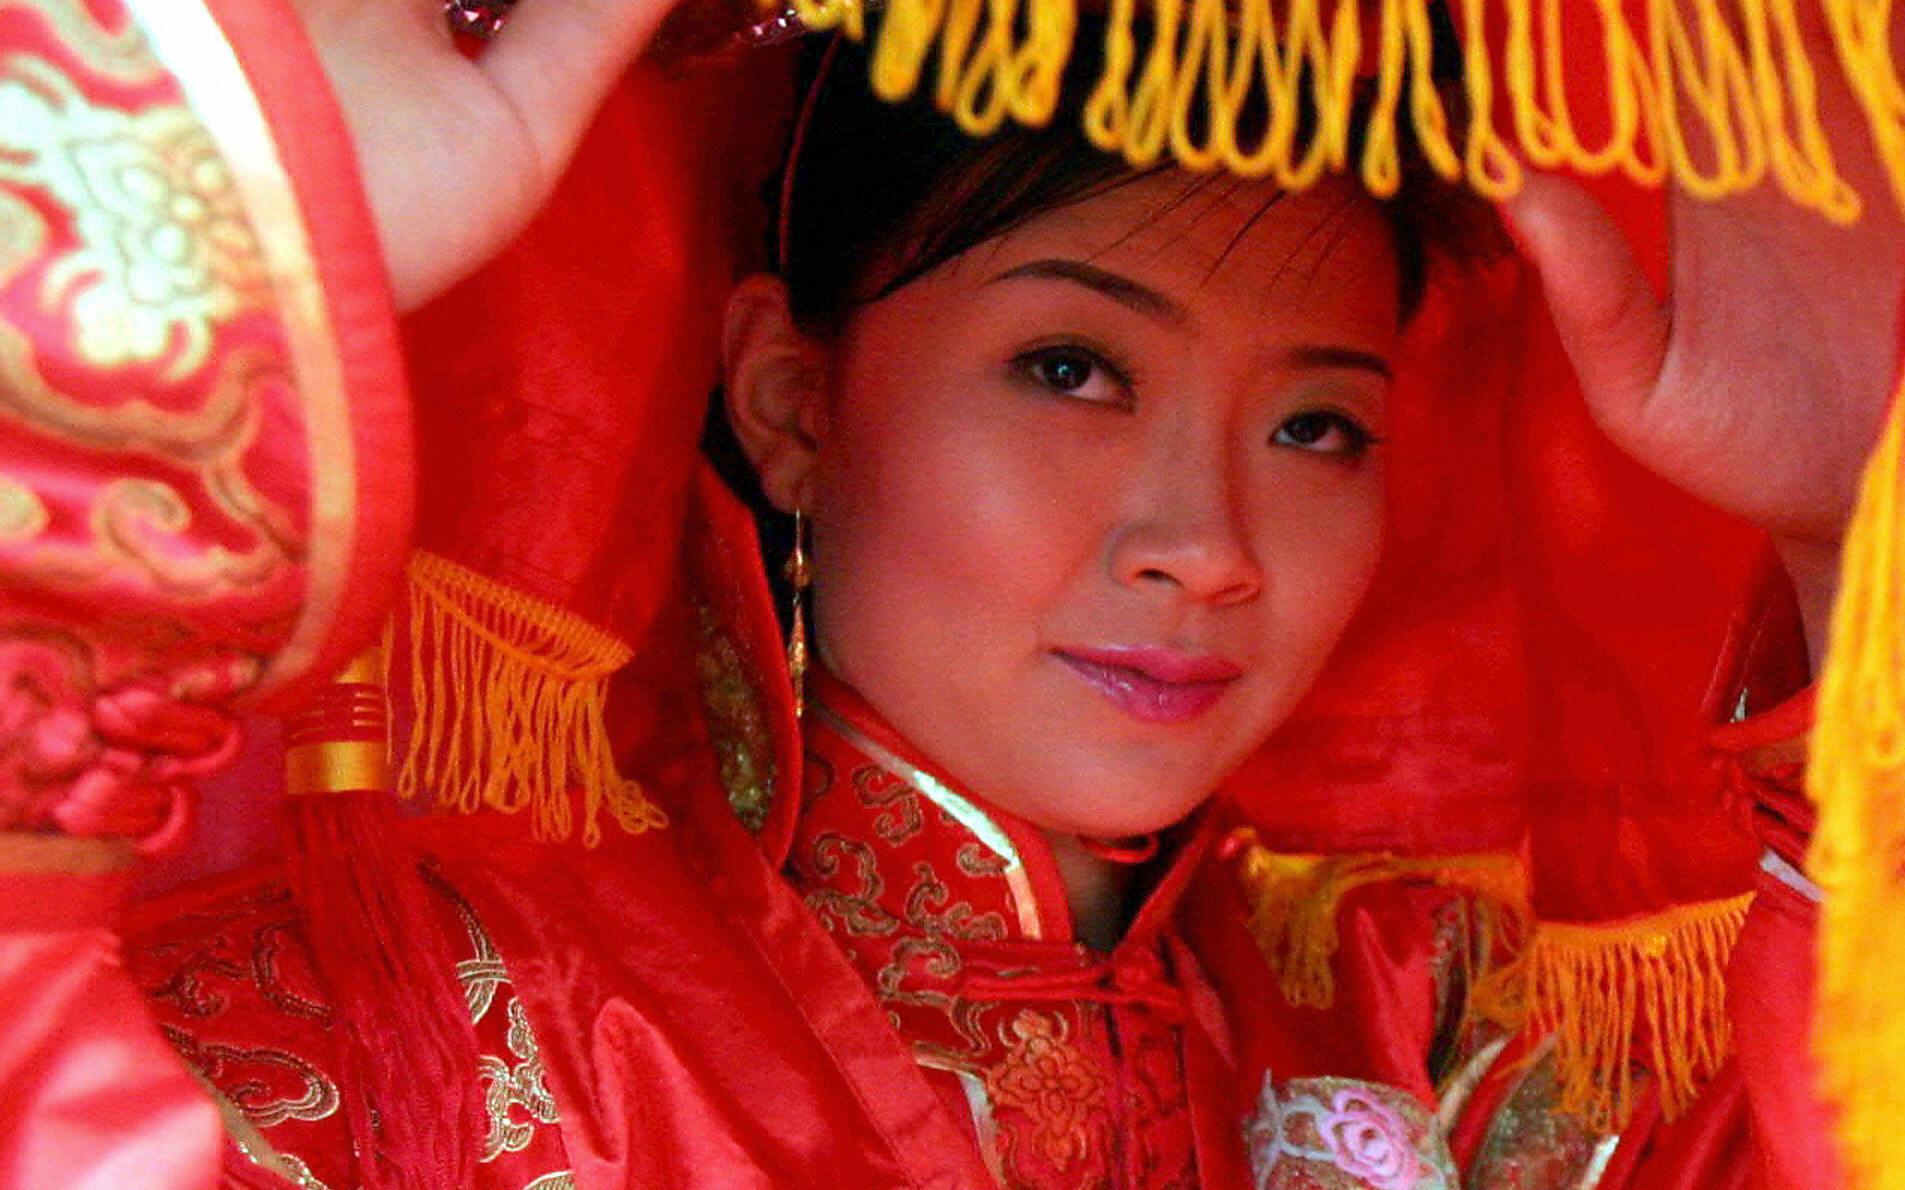 Von Kopf bis Fuß eine Mandschuren-Dame